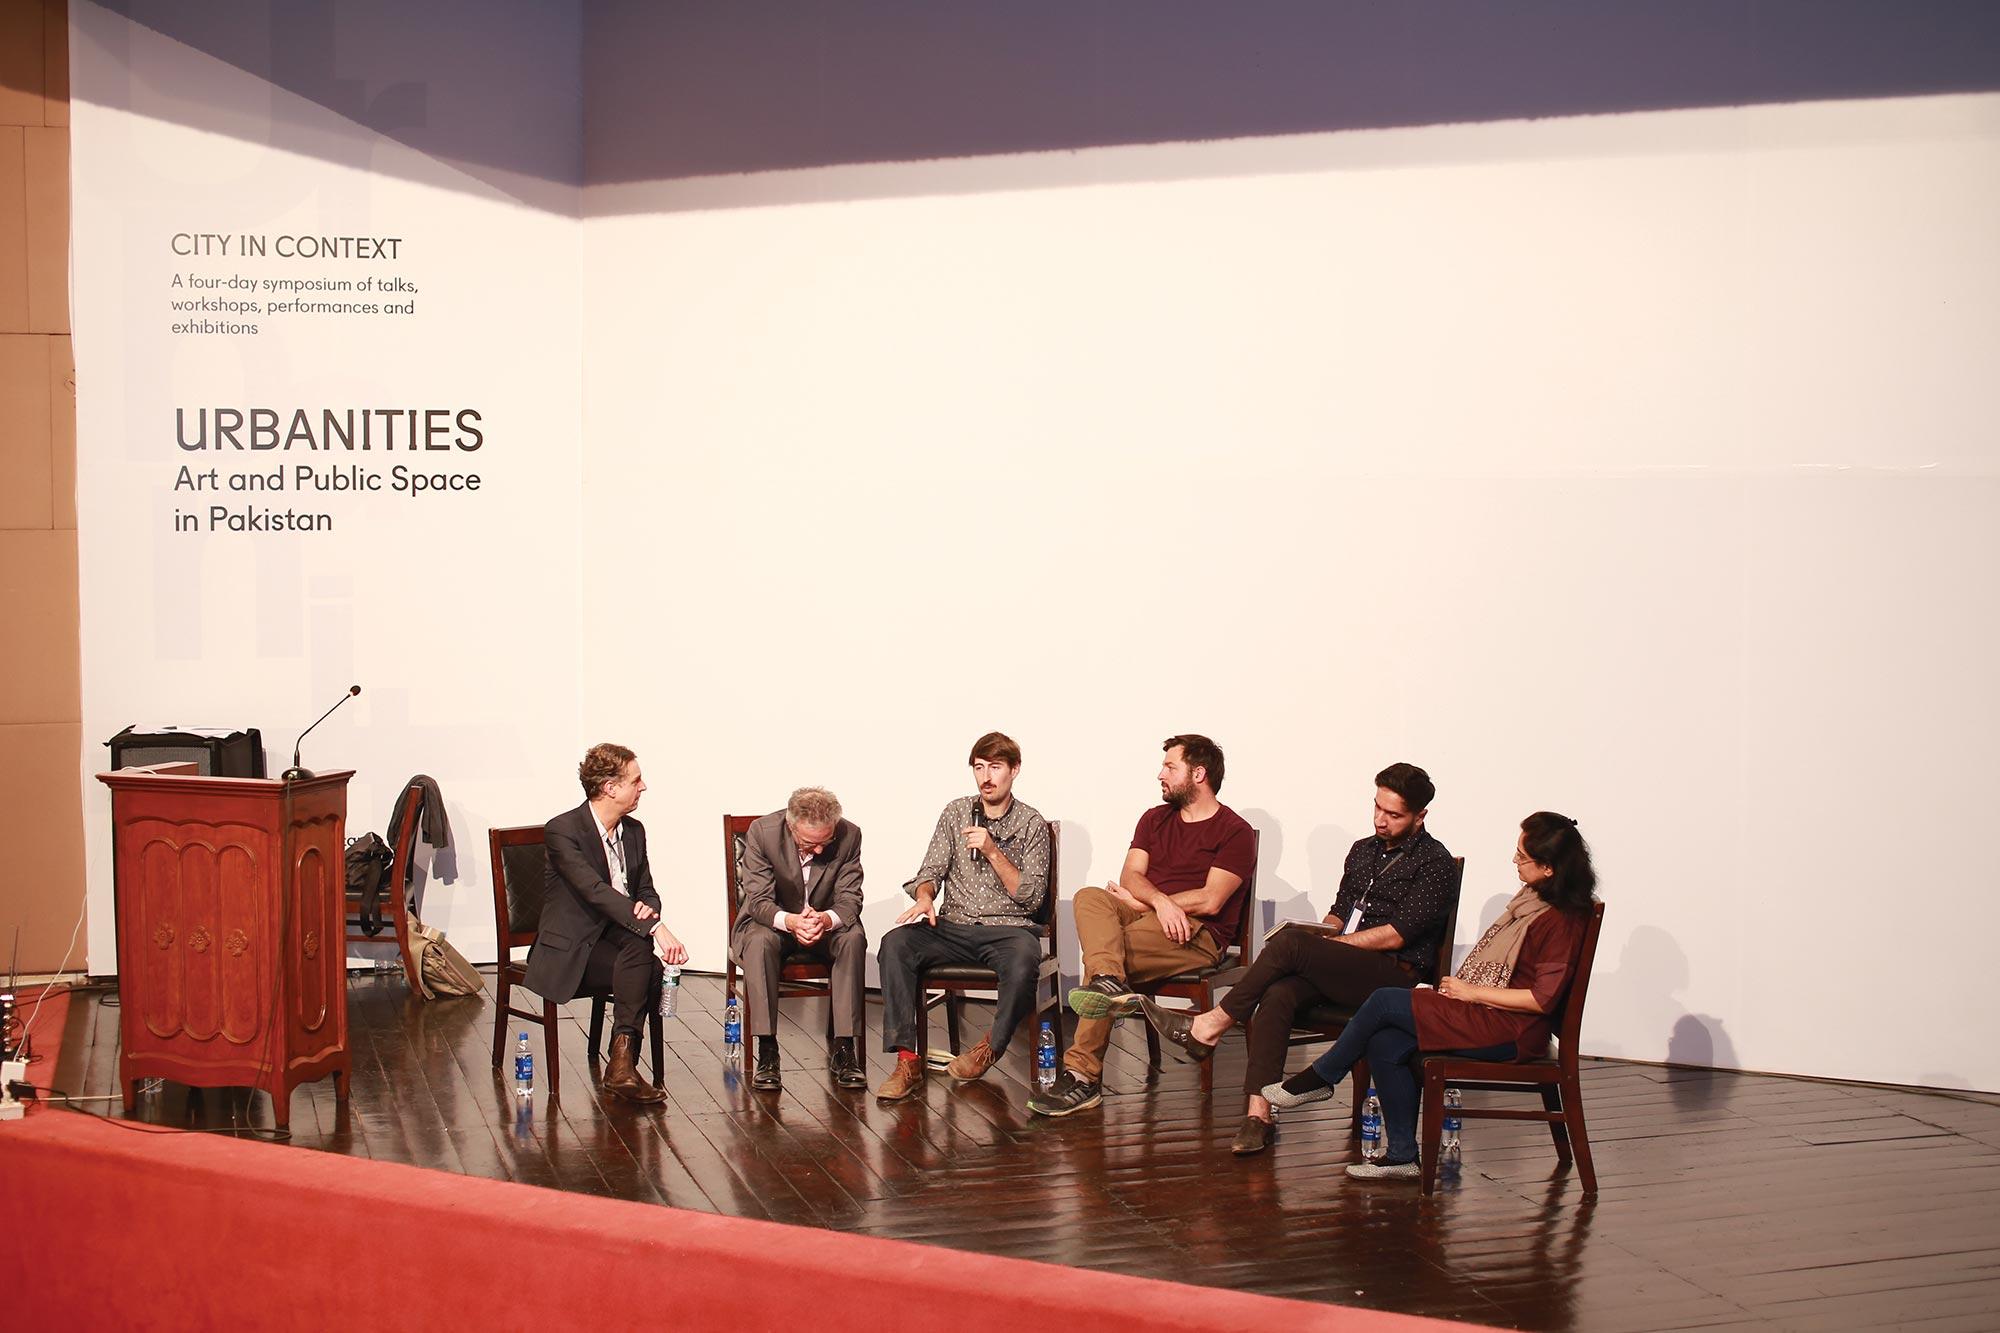 Bernd Kniess, Christopher Dell, Gulraiz Khan, Juan, David and Farida Batool